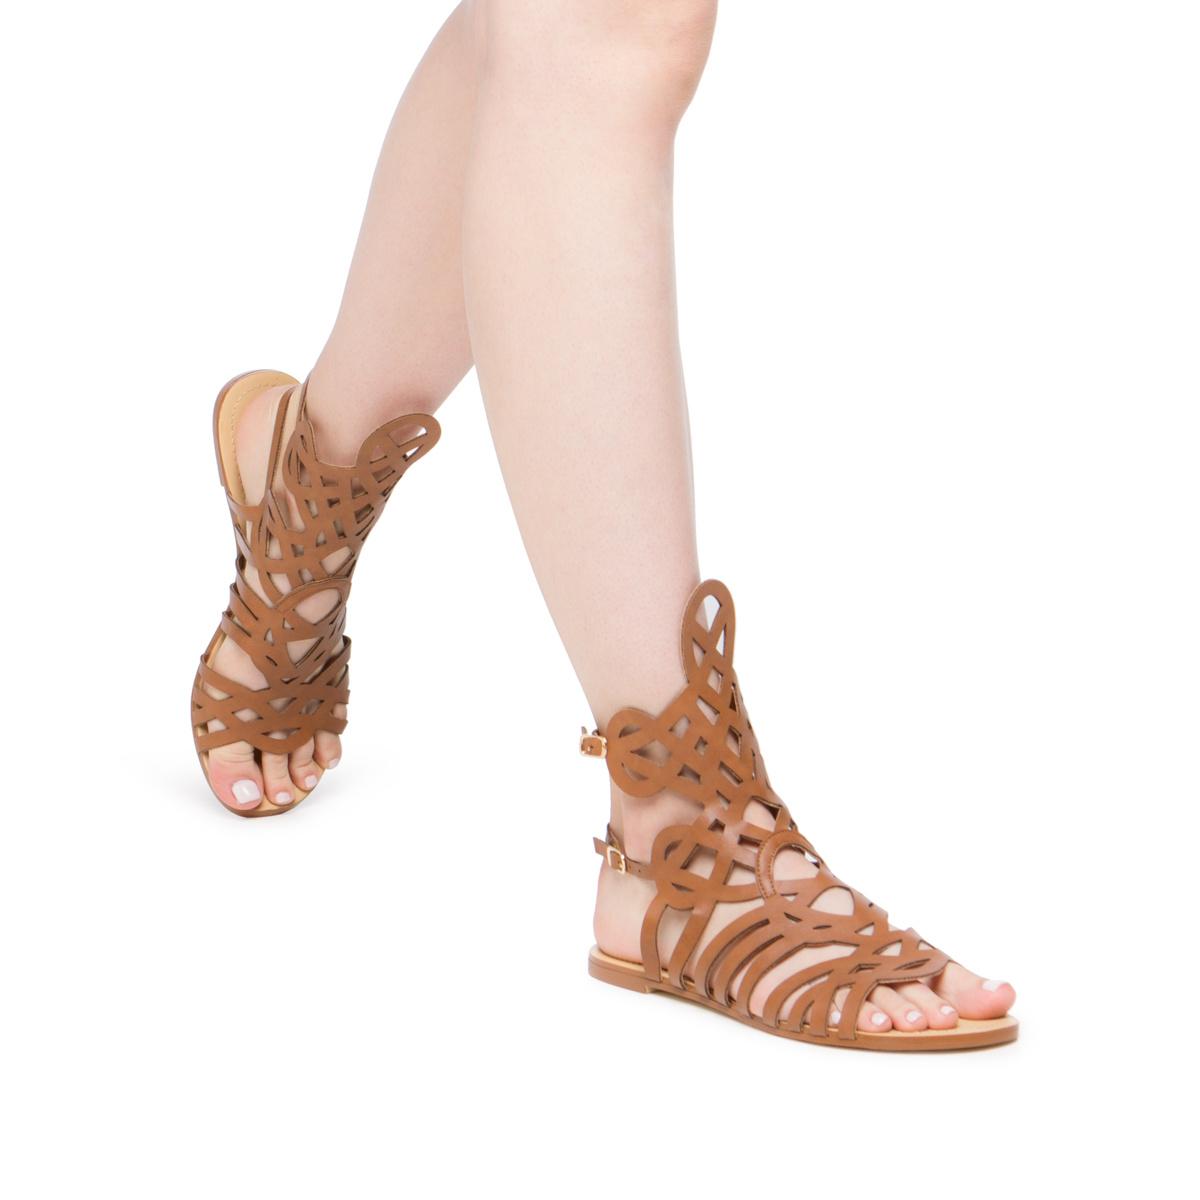 ZIKO - ShoeDazzle Gladiator Sandal